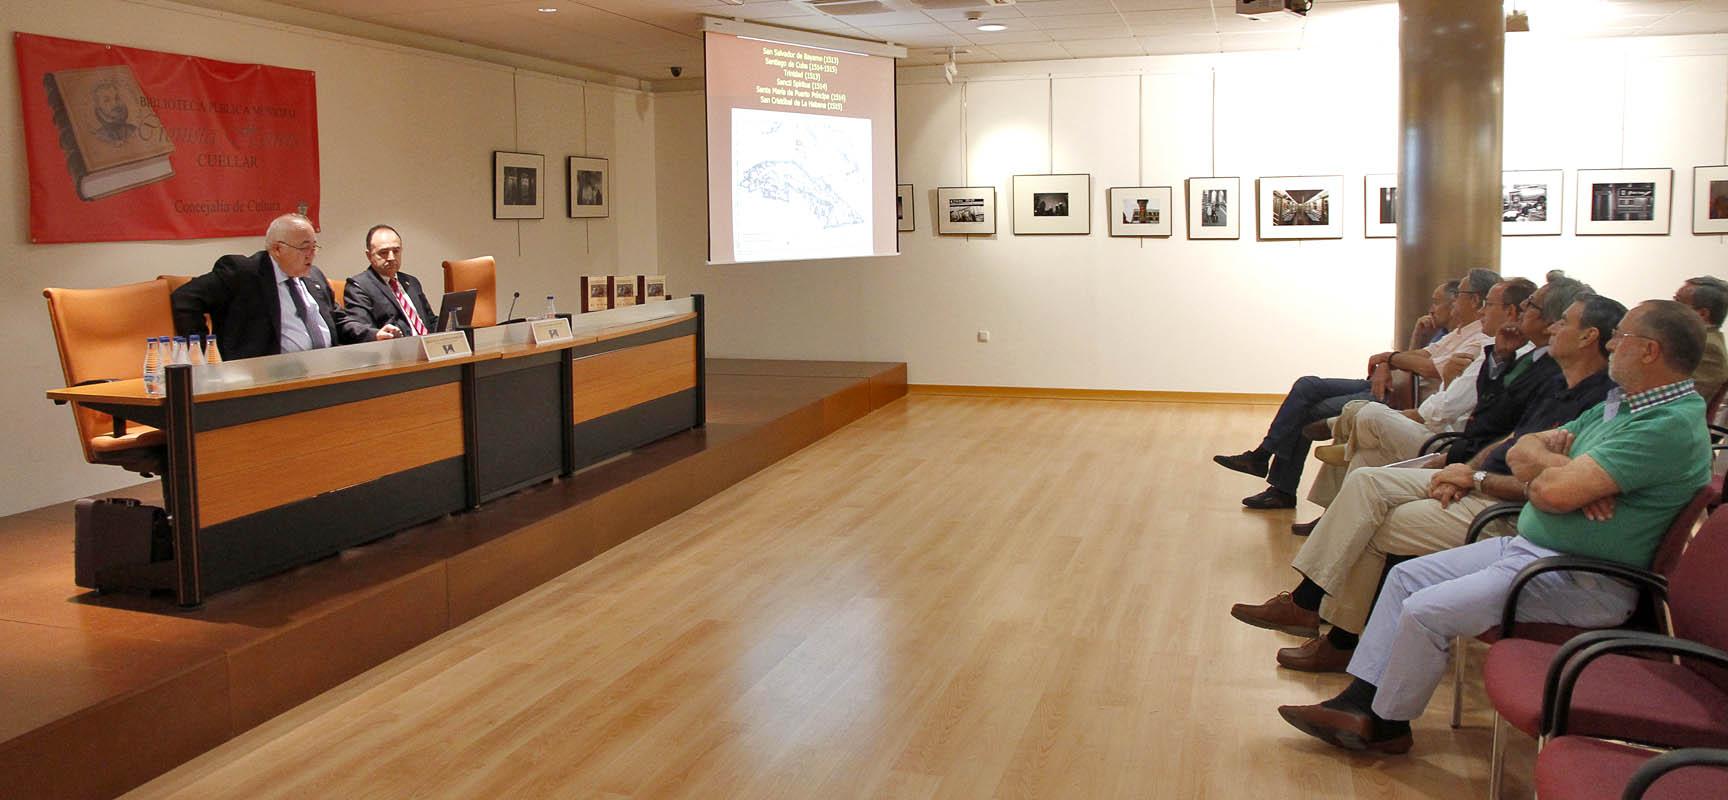 Las Jornadas tuvieron lugar en la sala cultural Cronista Herrera.